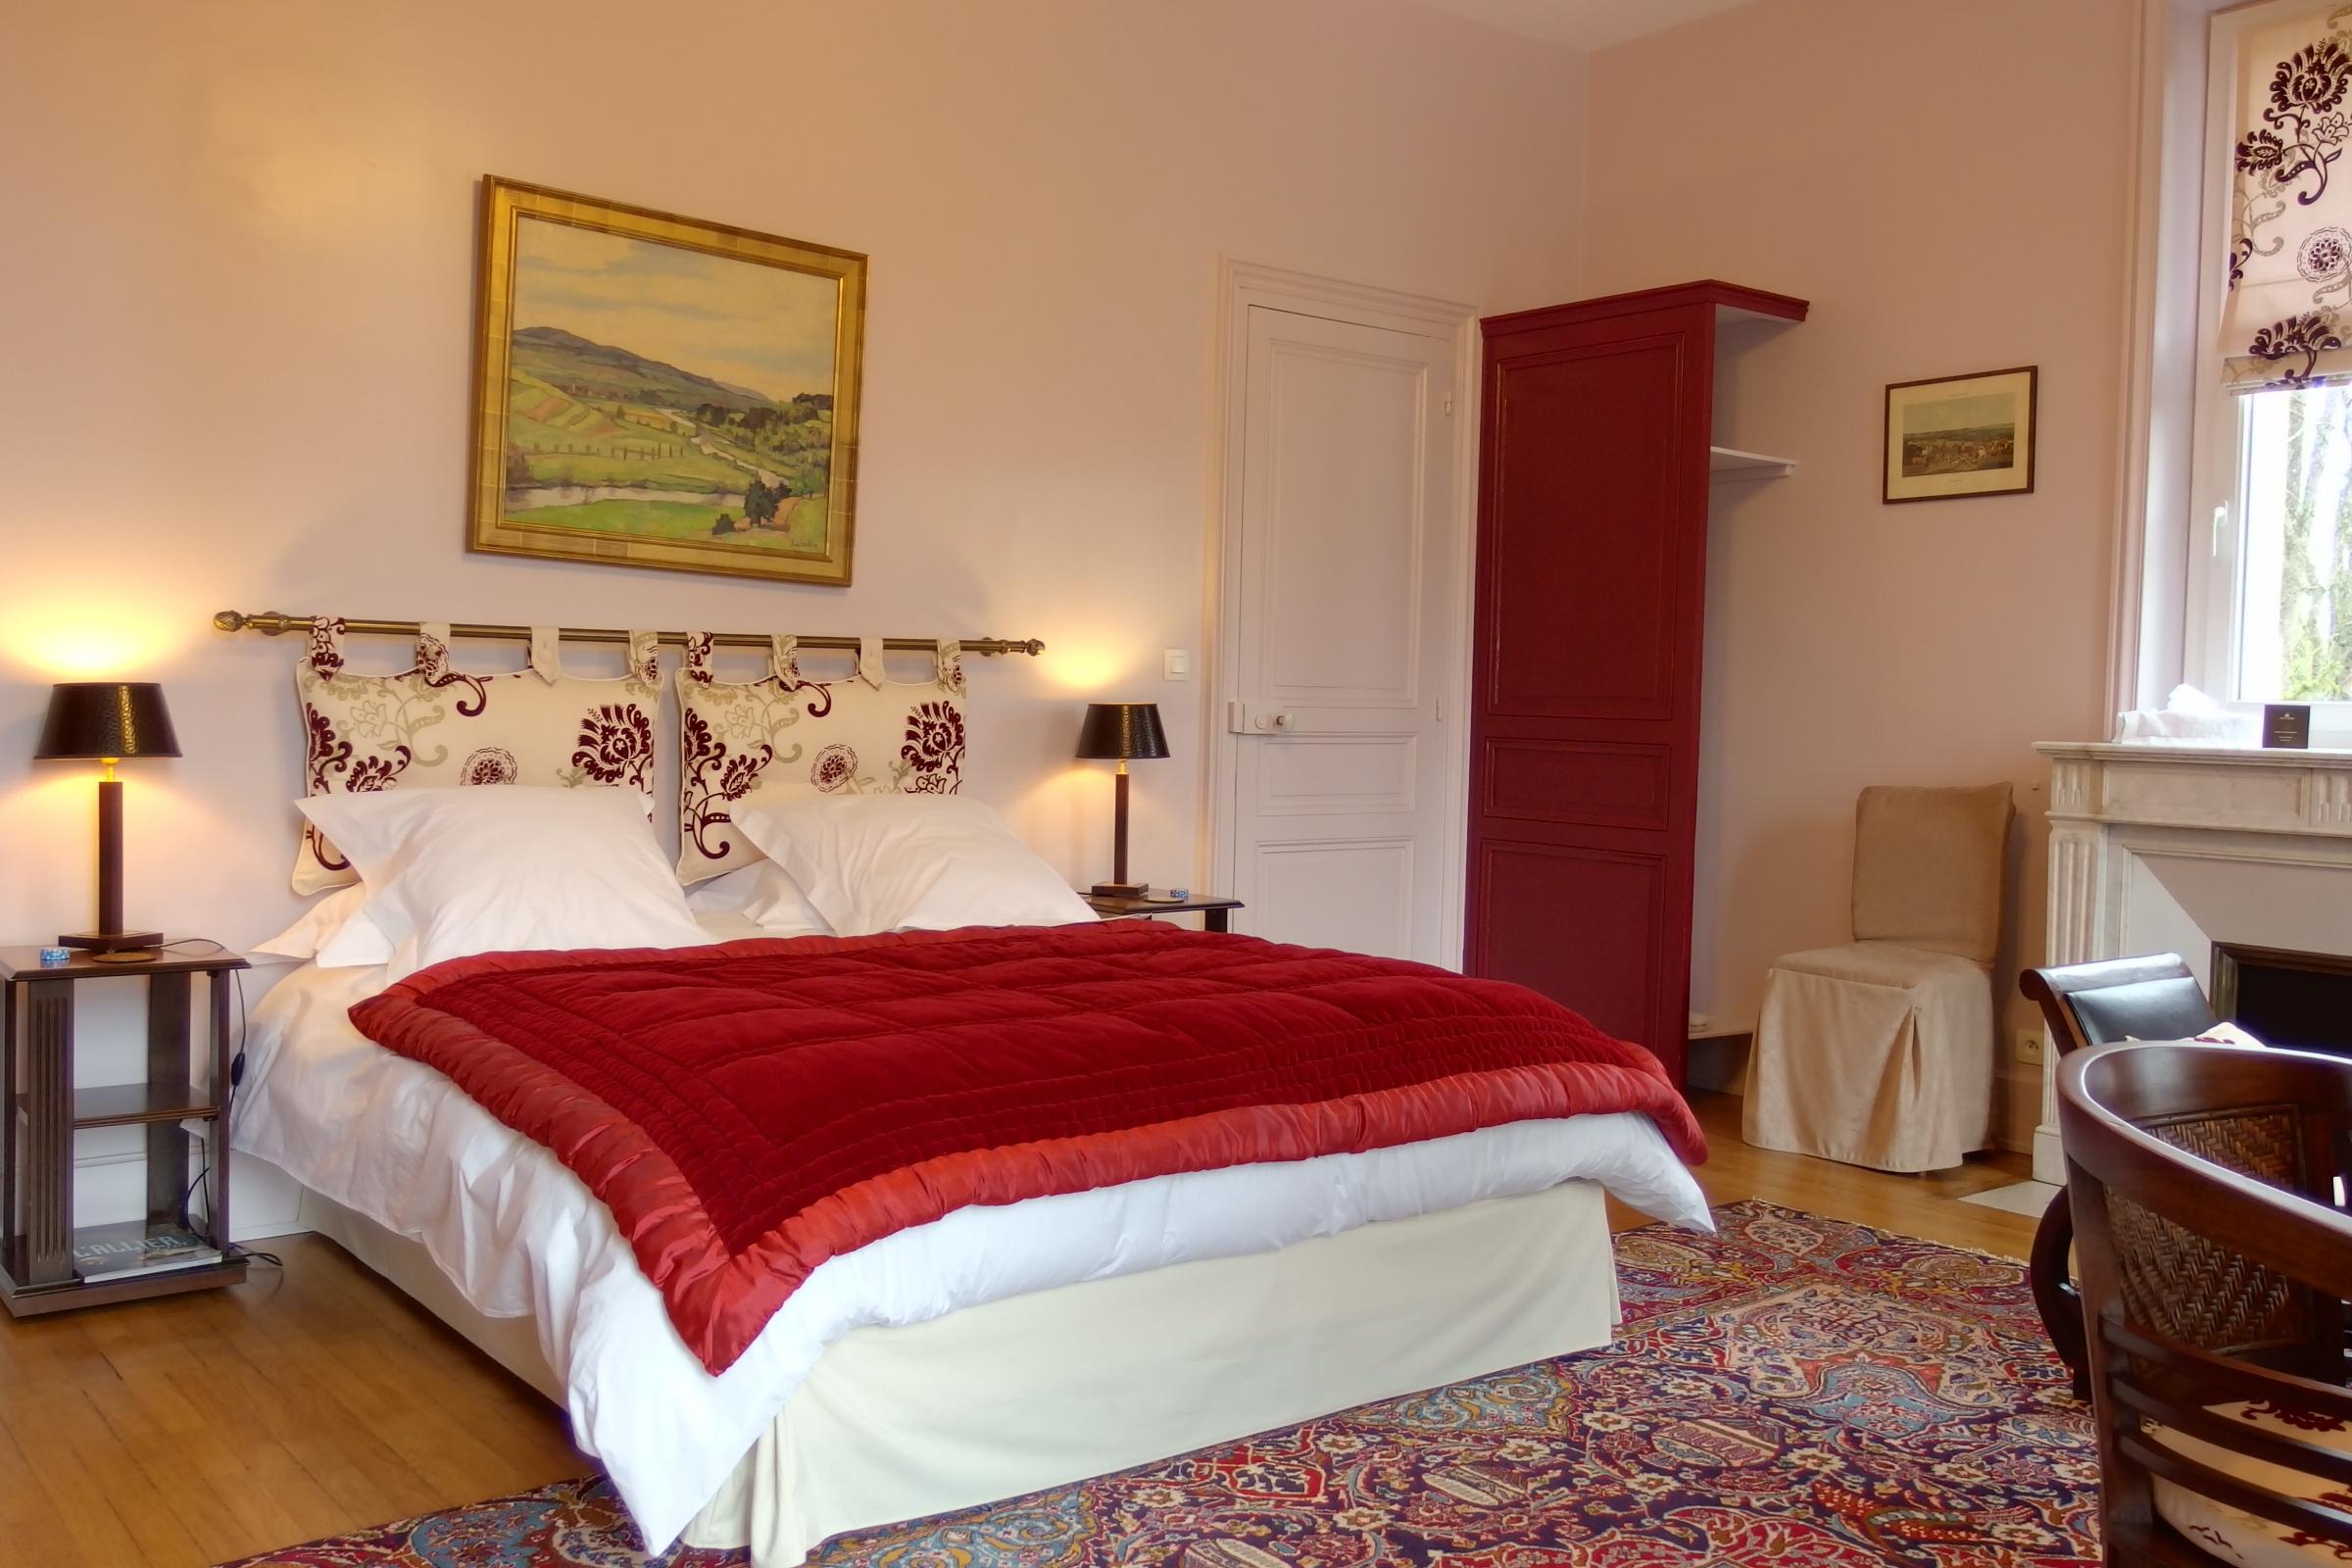 Chambres de charme d\'hote et raffinement description des chambres